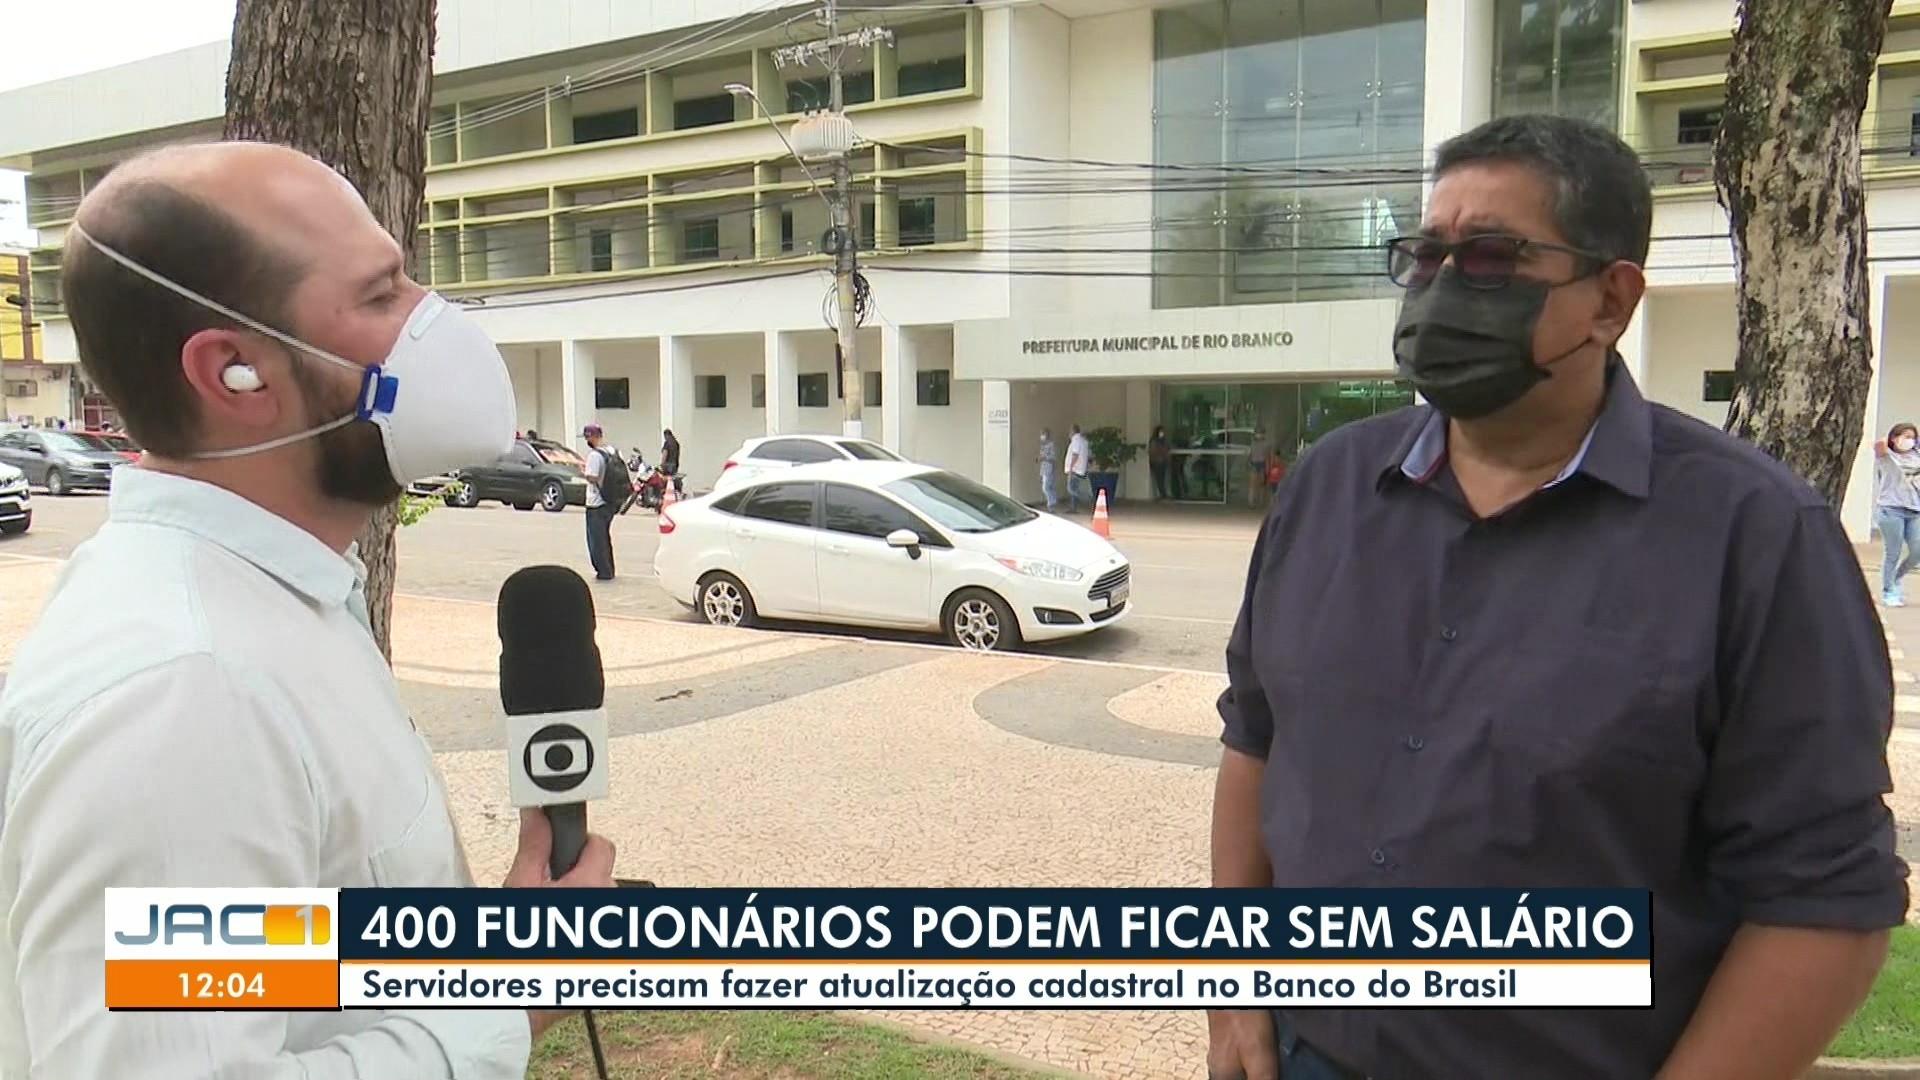 VÍDEOS: Jornal do Acre 1ª edição - AC de quarta-feira, 20 de outubro